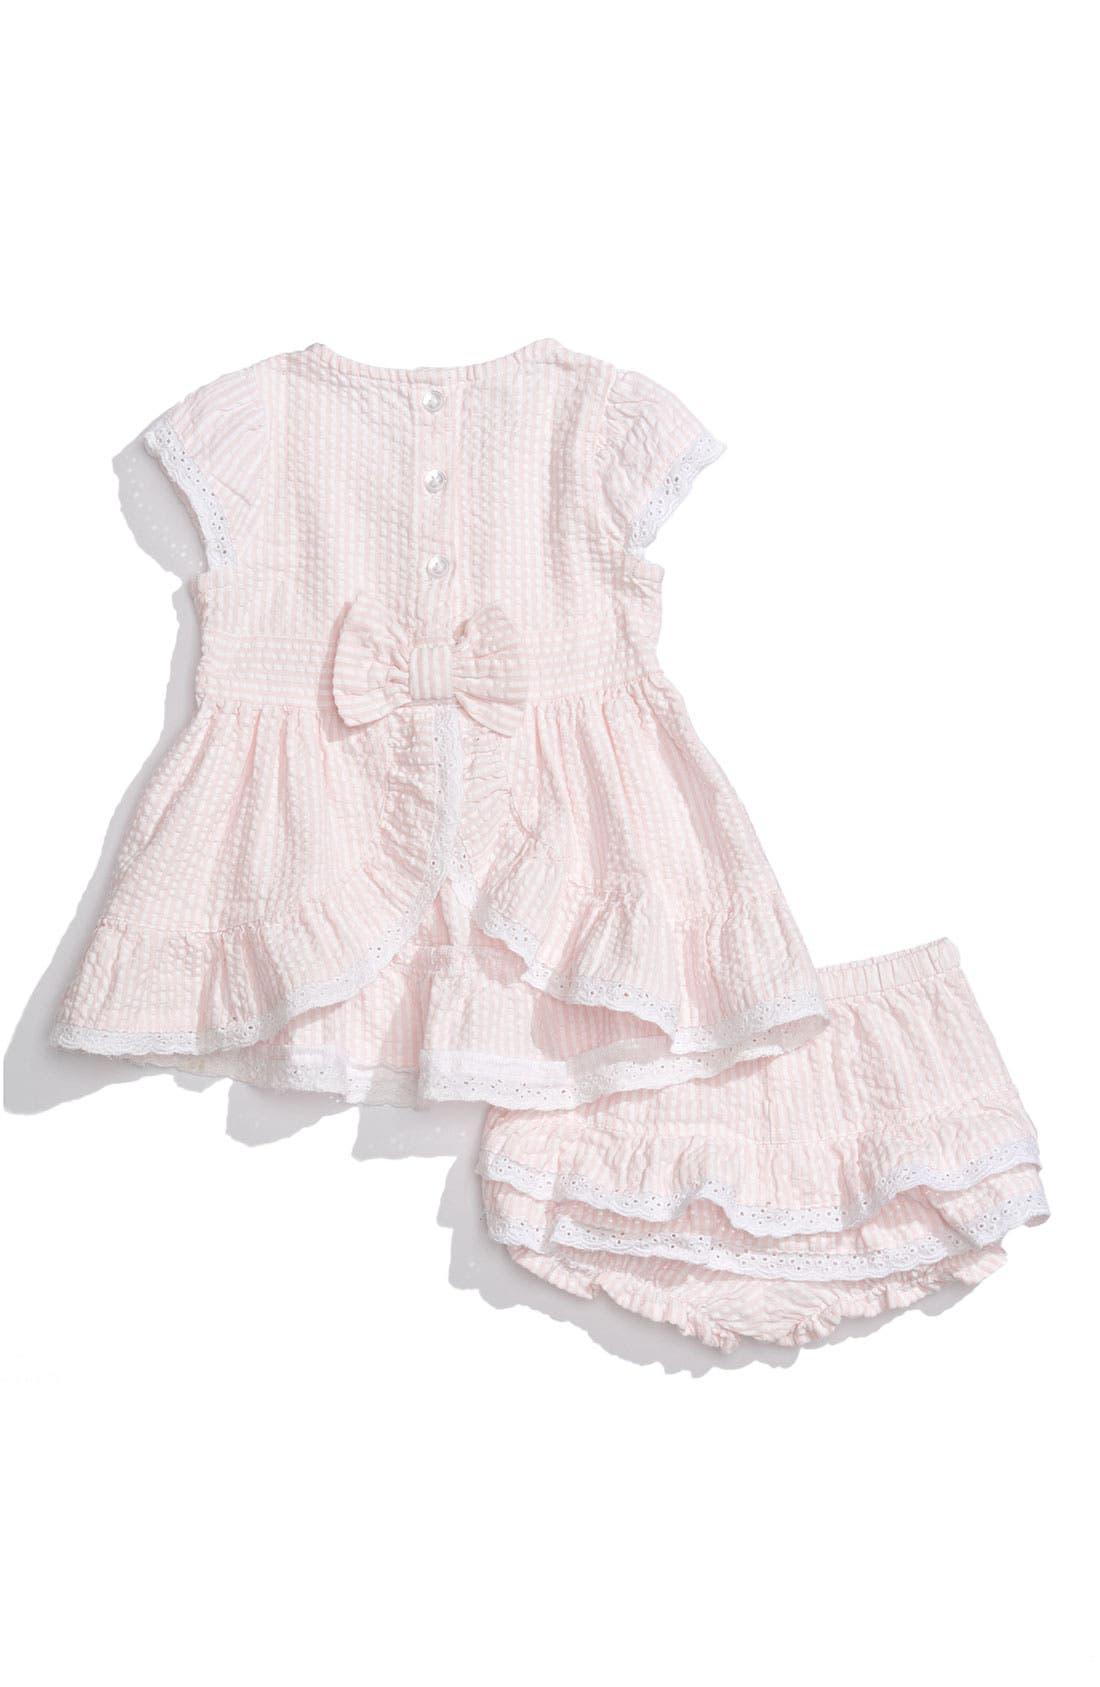 NORDSTROM BABY Seersucker Dress, Main, color, 960